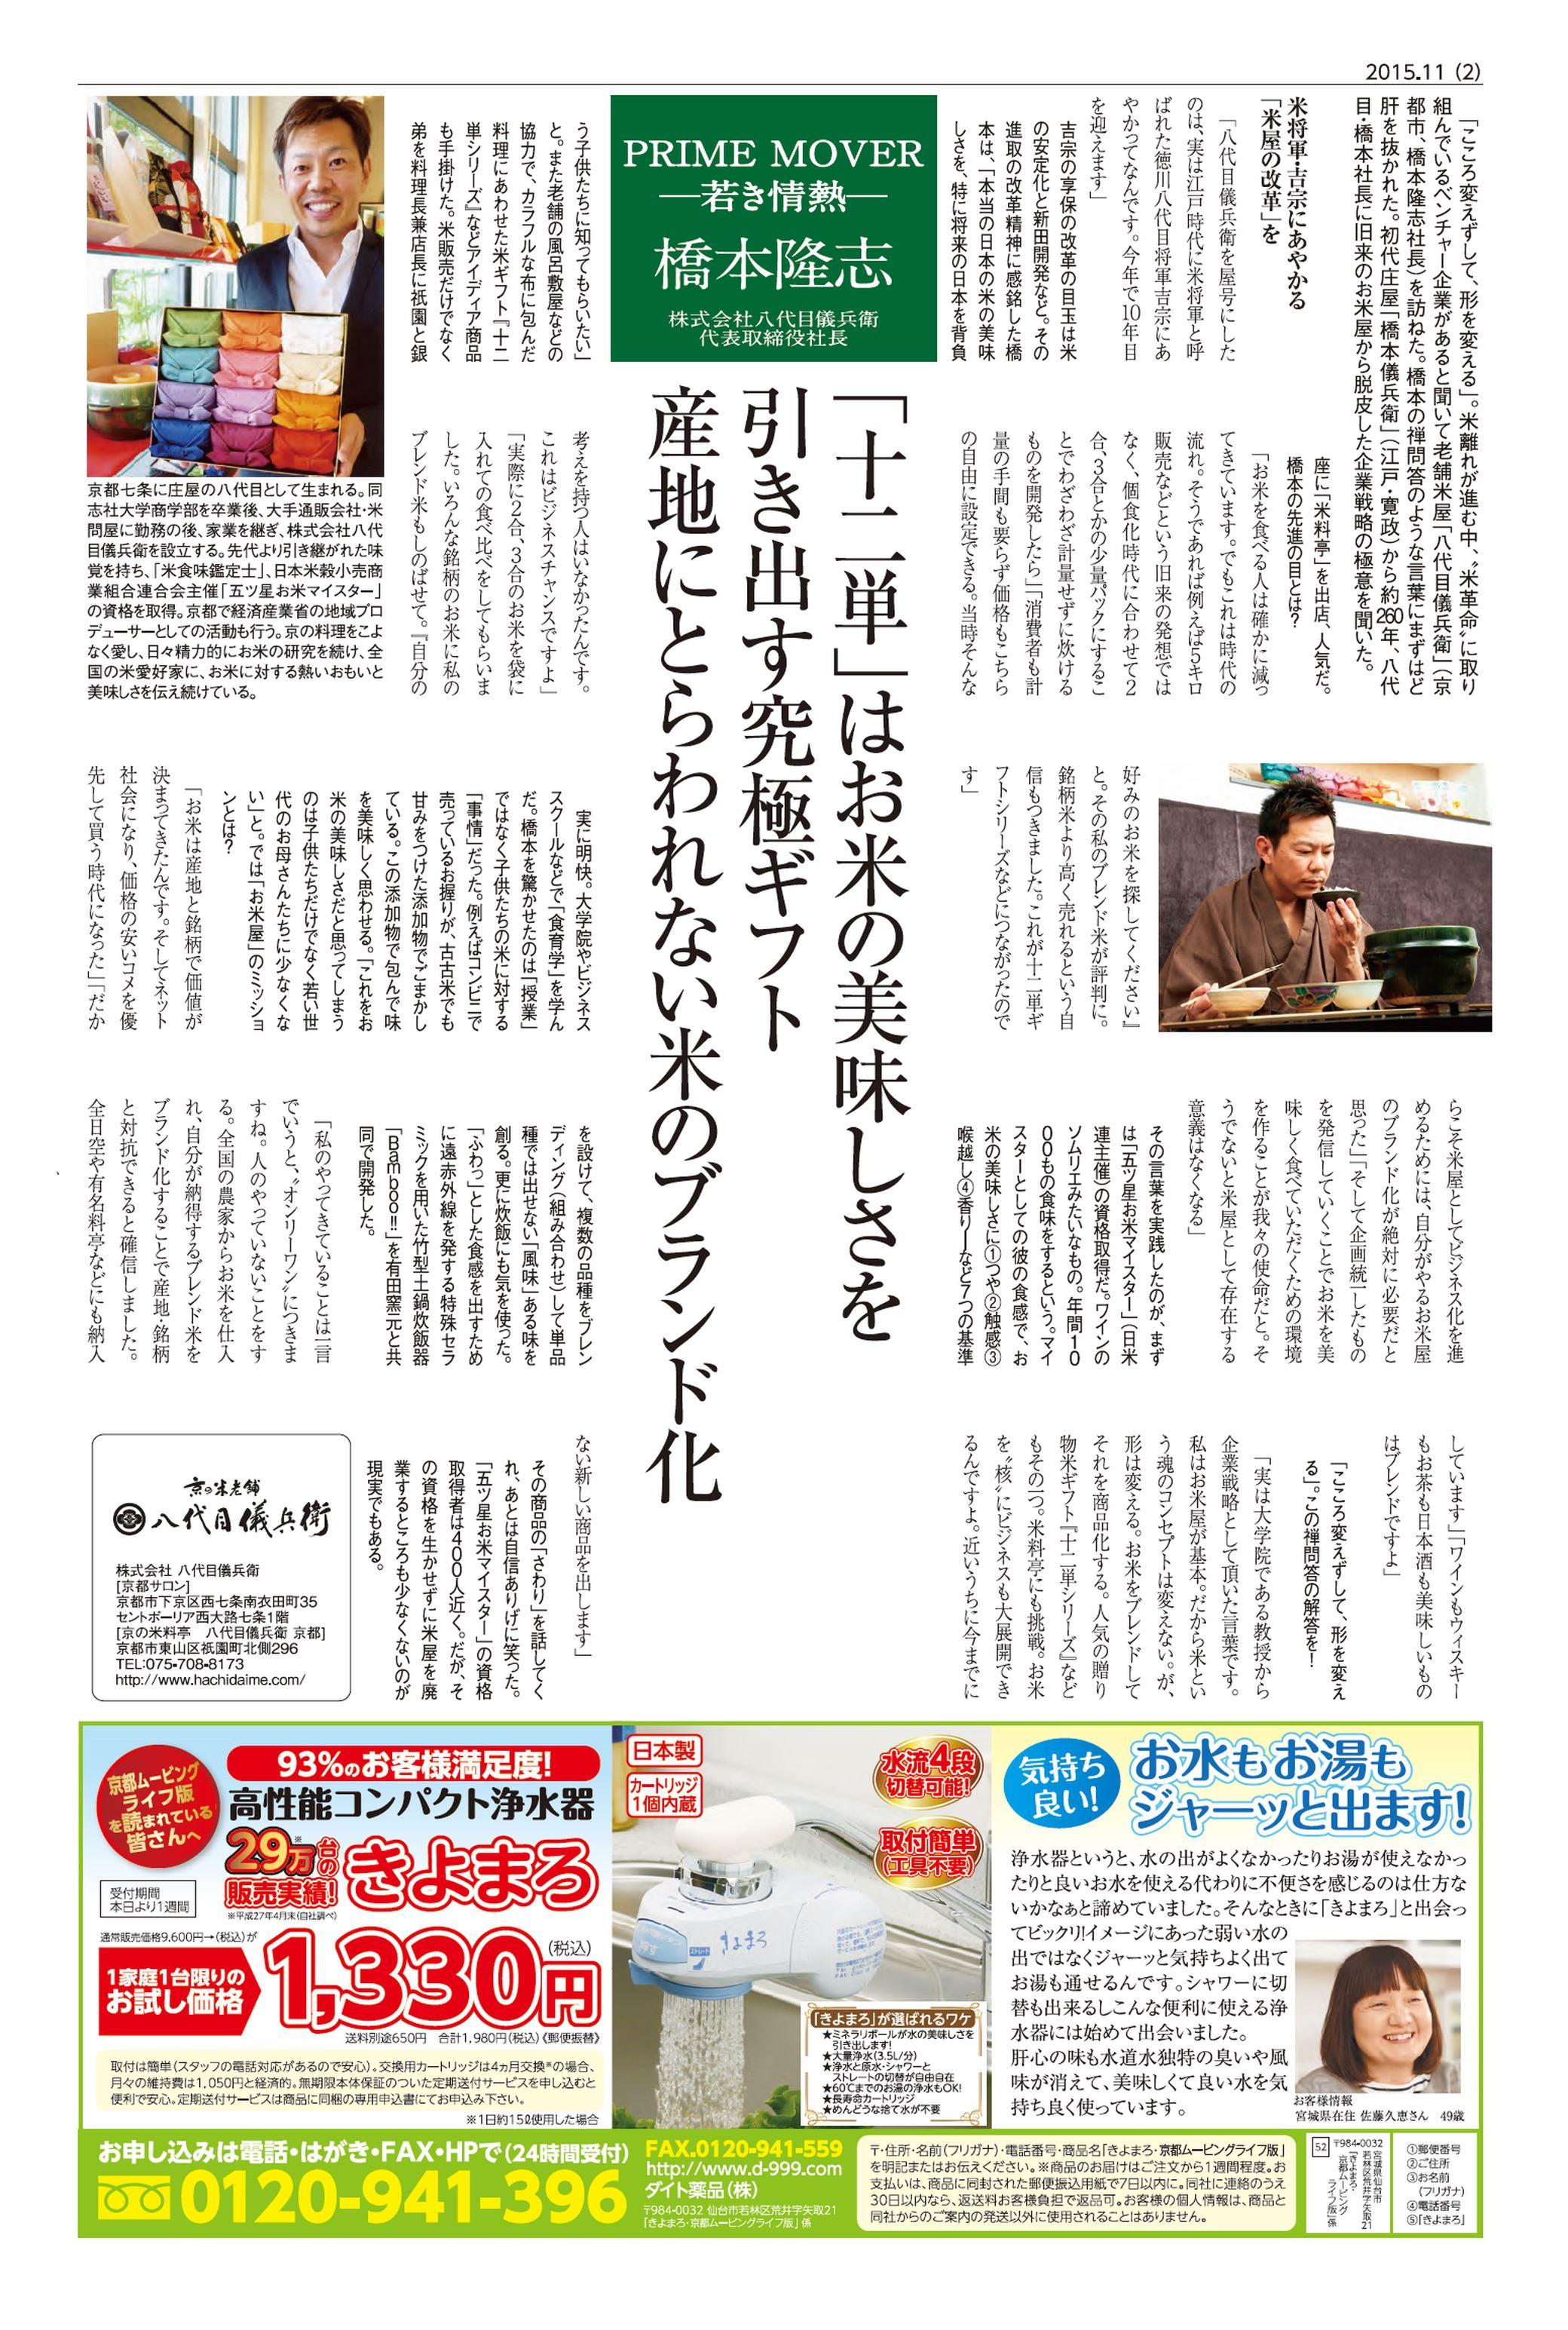 京都ムービングライフ 2015年11月14日号 vol.19